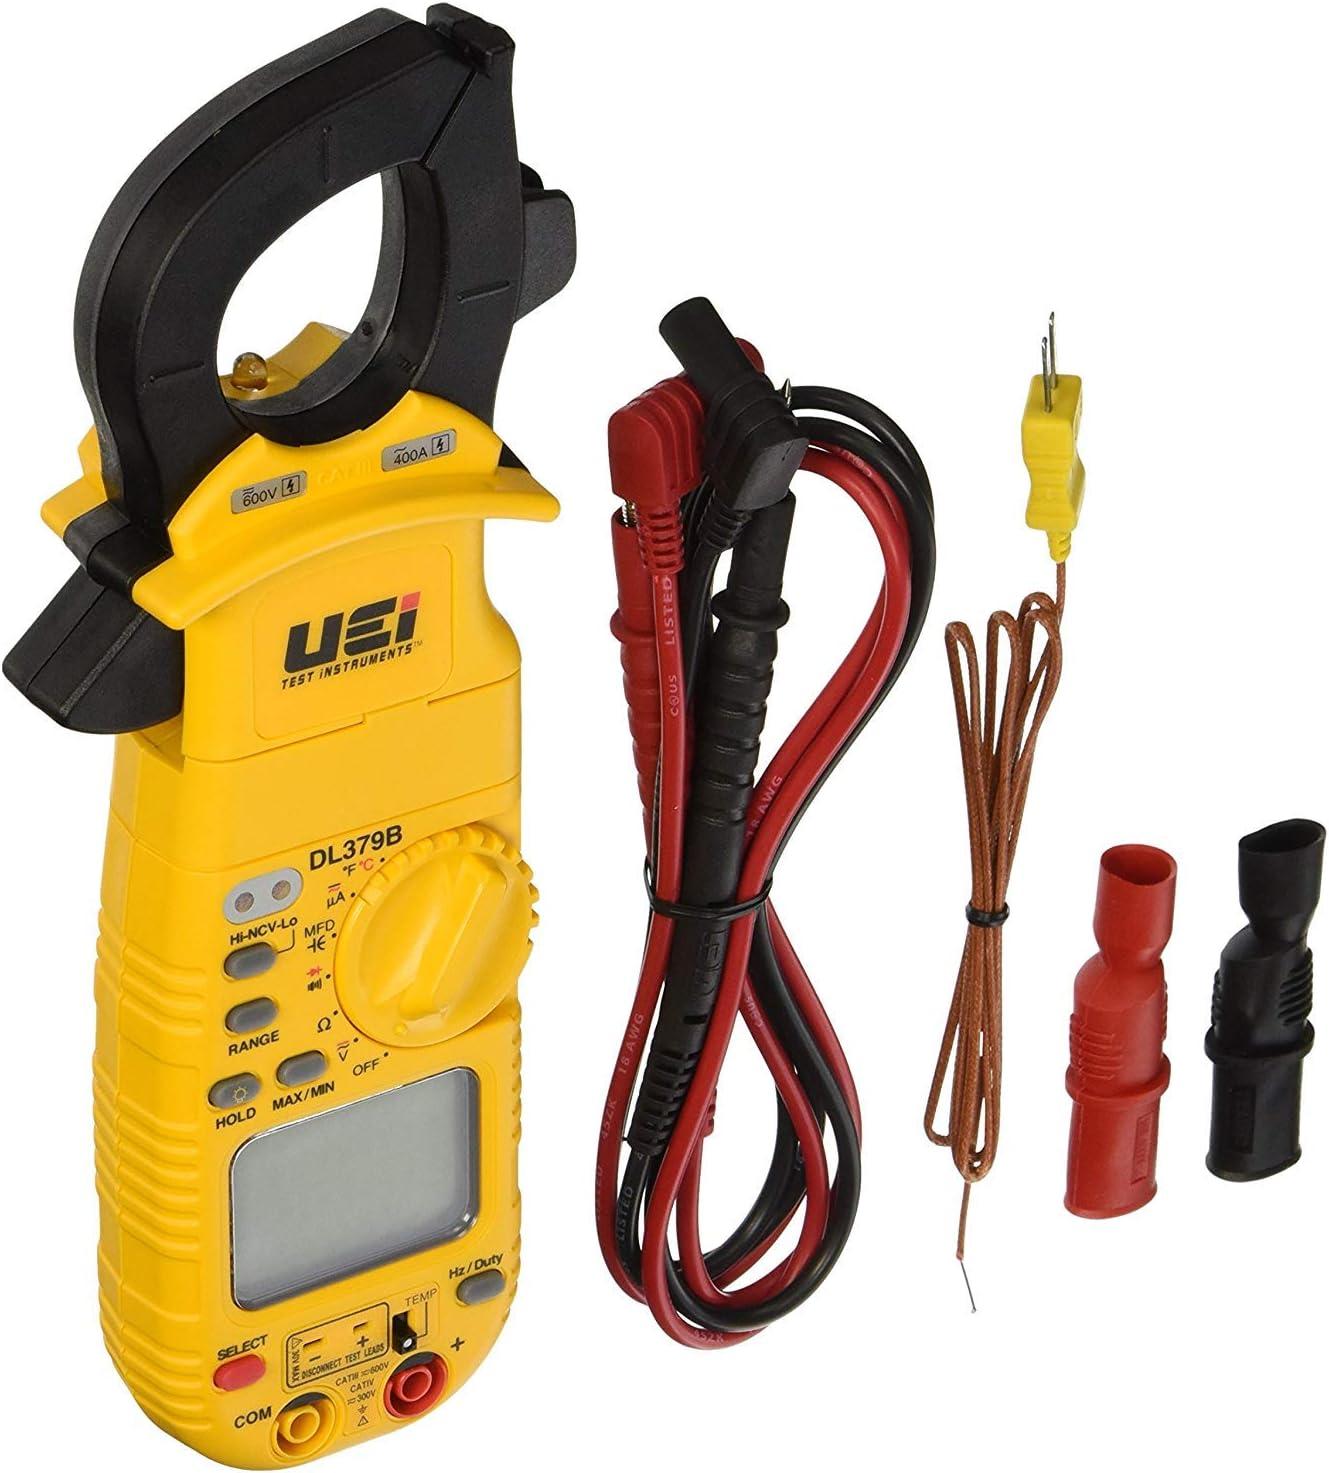 UEi Test Instruments DL379B Digital HVAC Clamp Meter Pack of 1